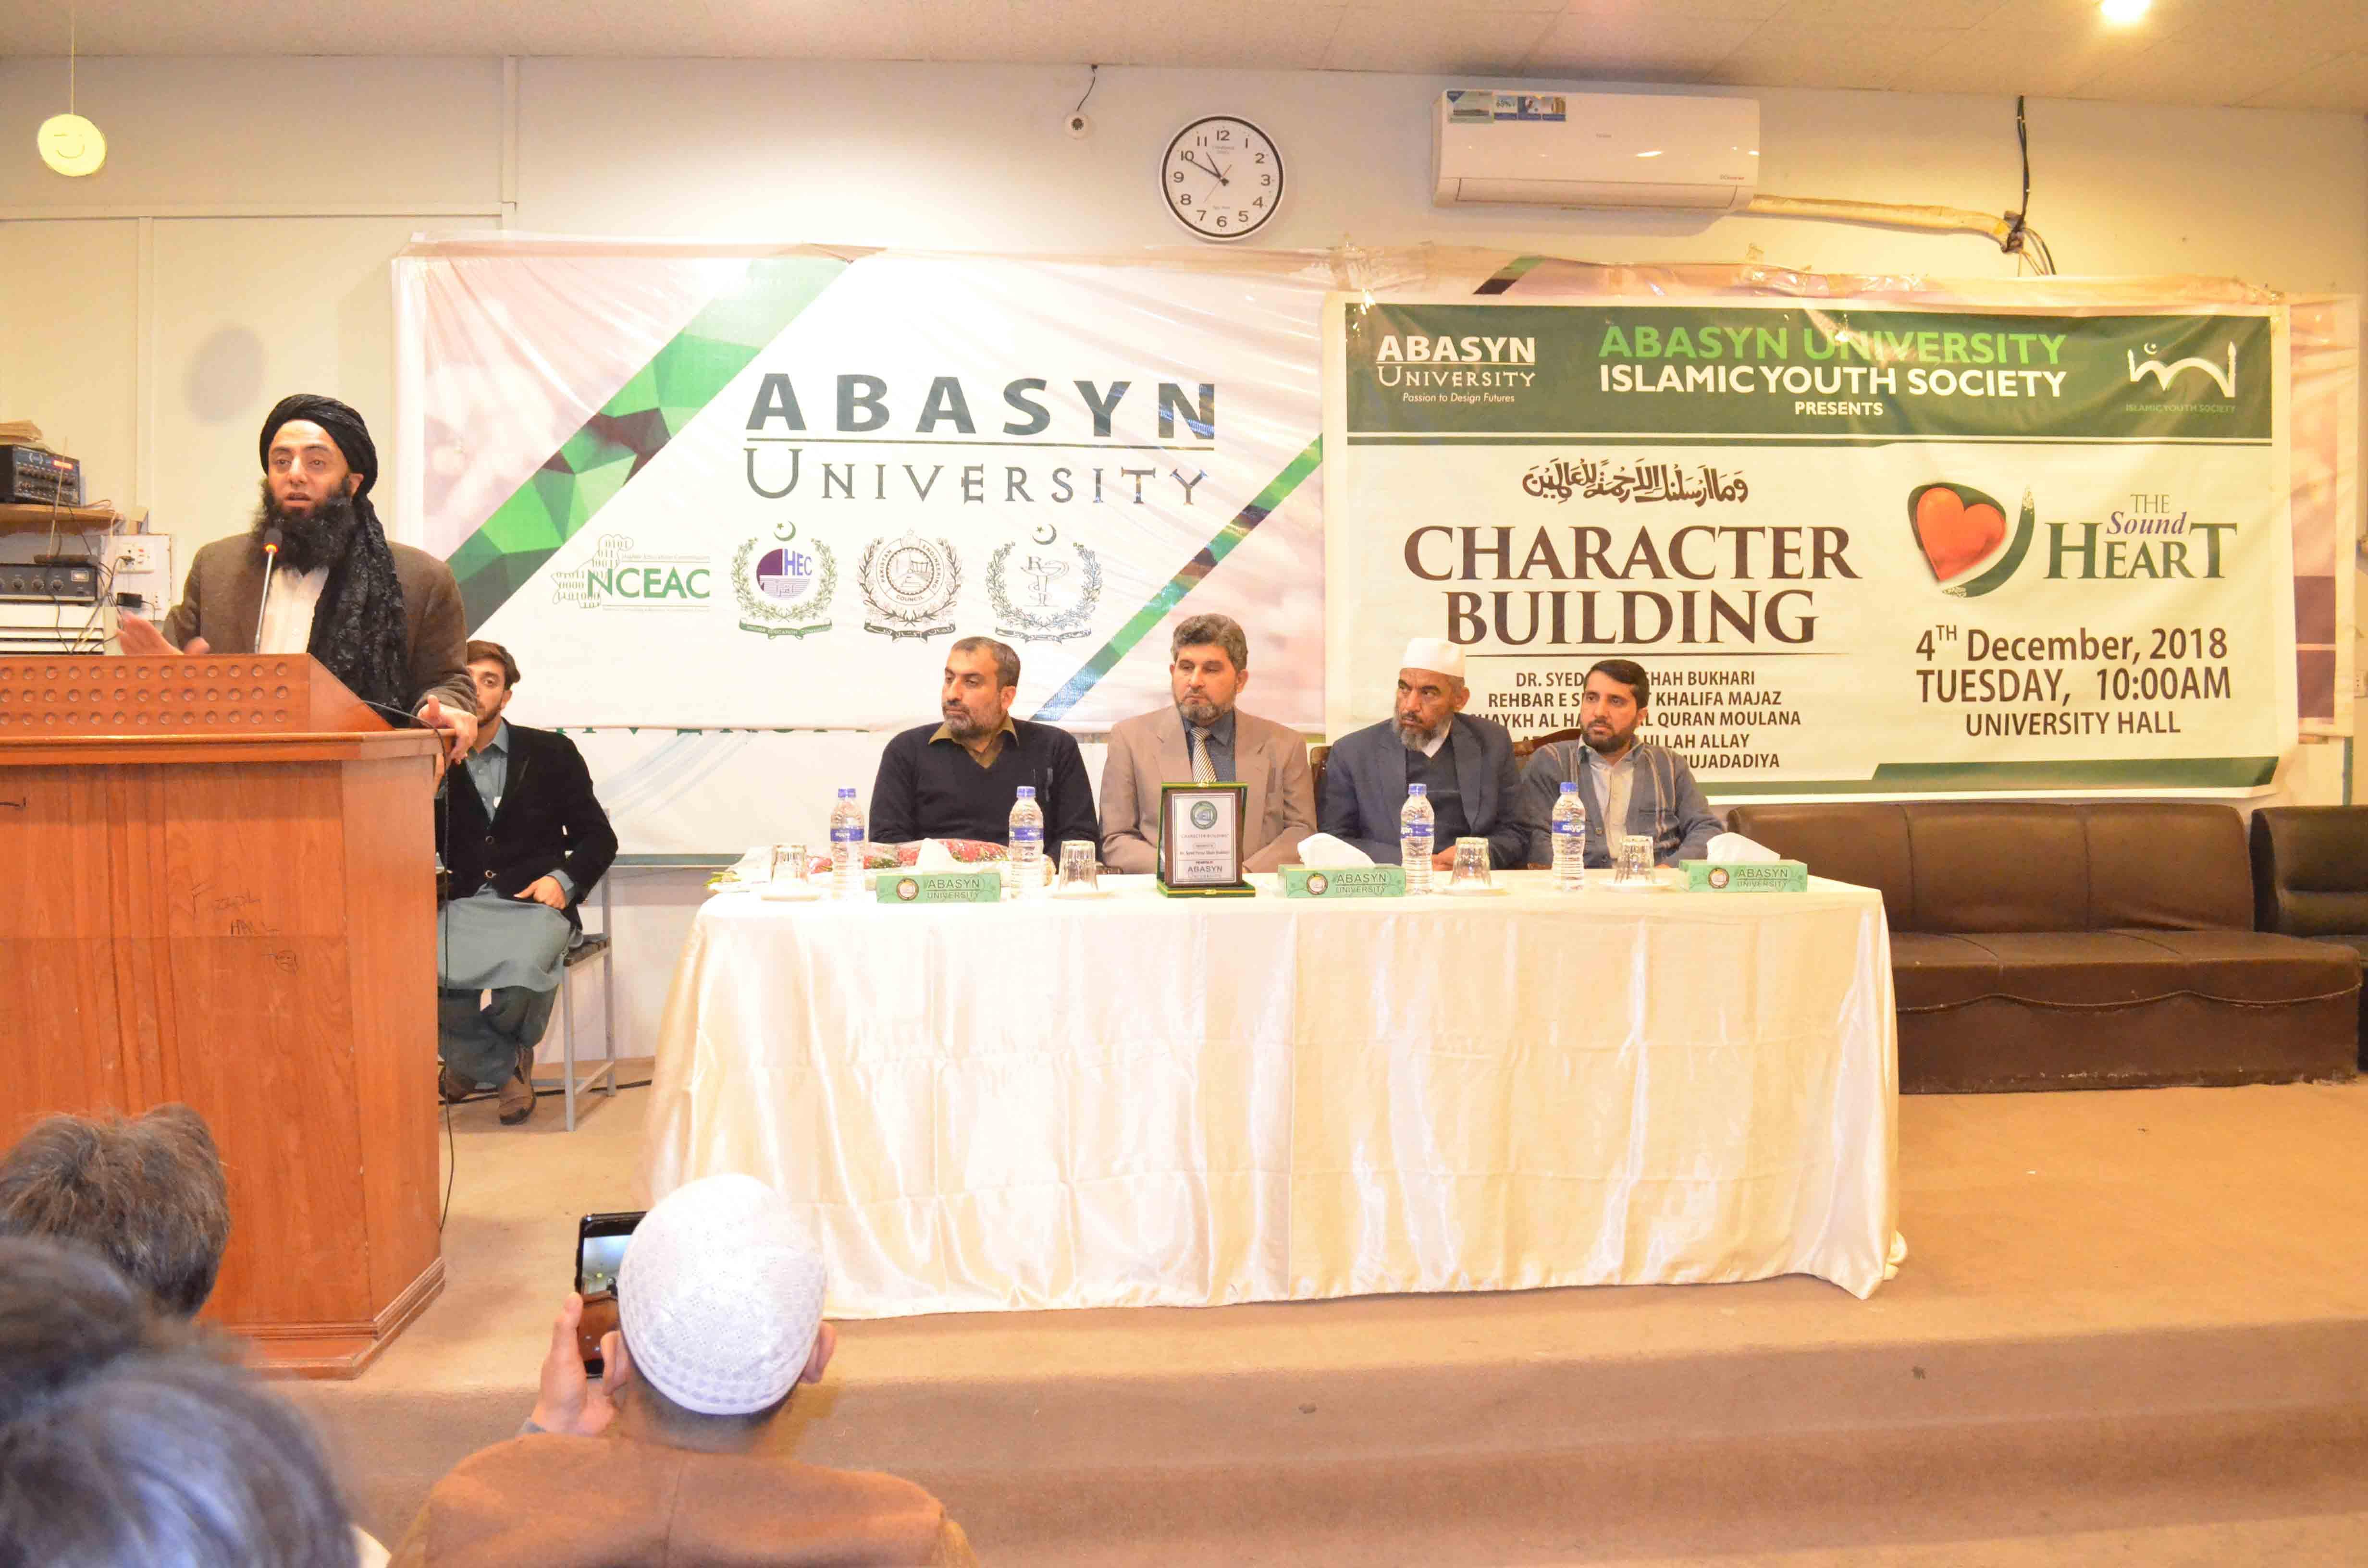 An Inspirational Speech on Character Building